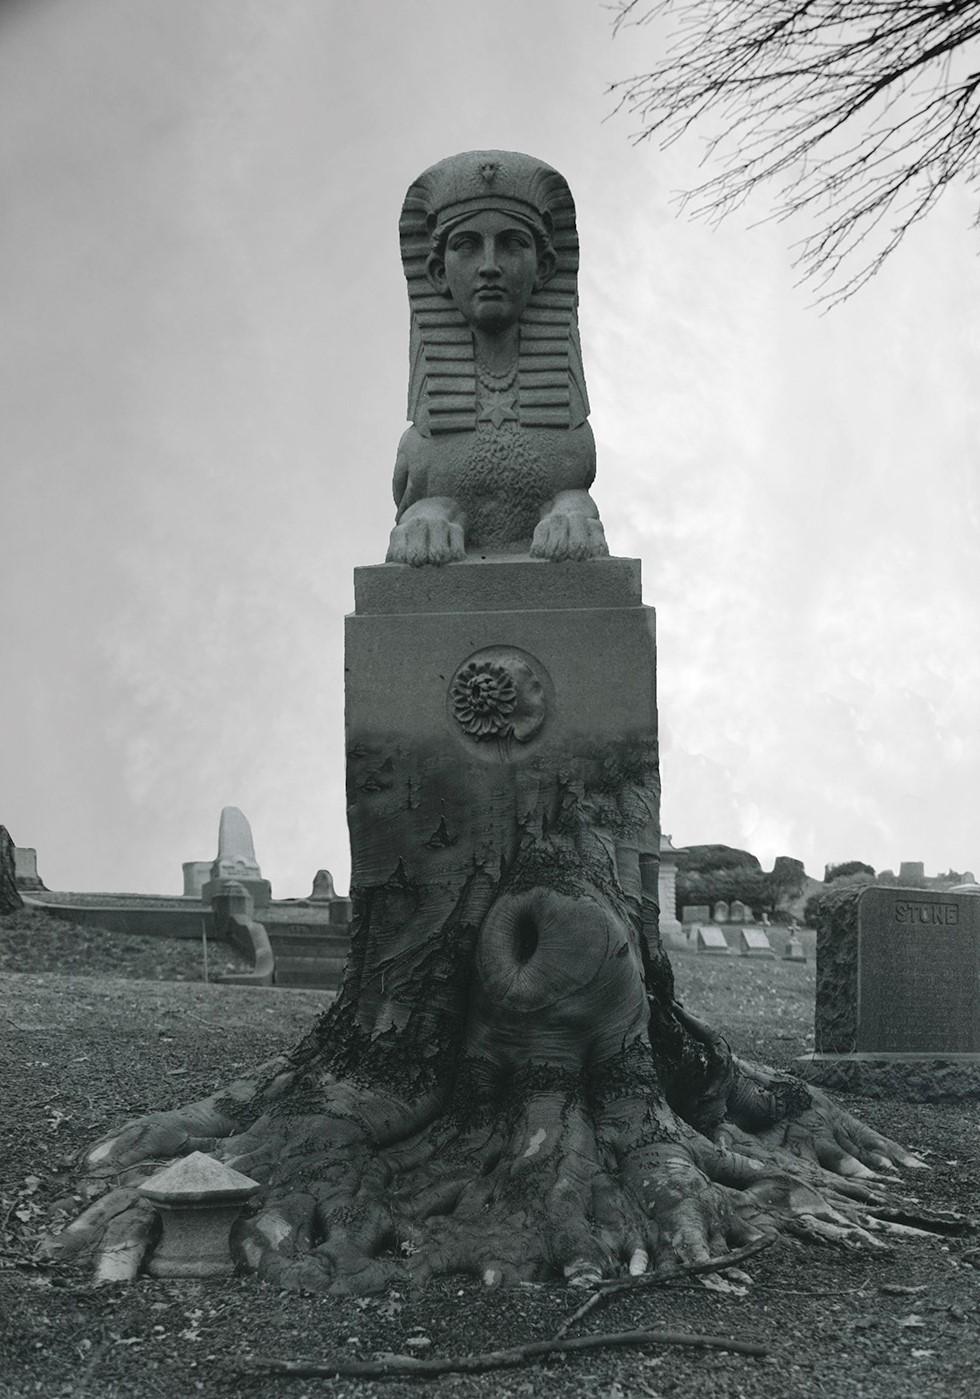 Sphinx Montage - Ben Morris